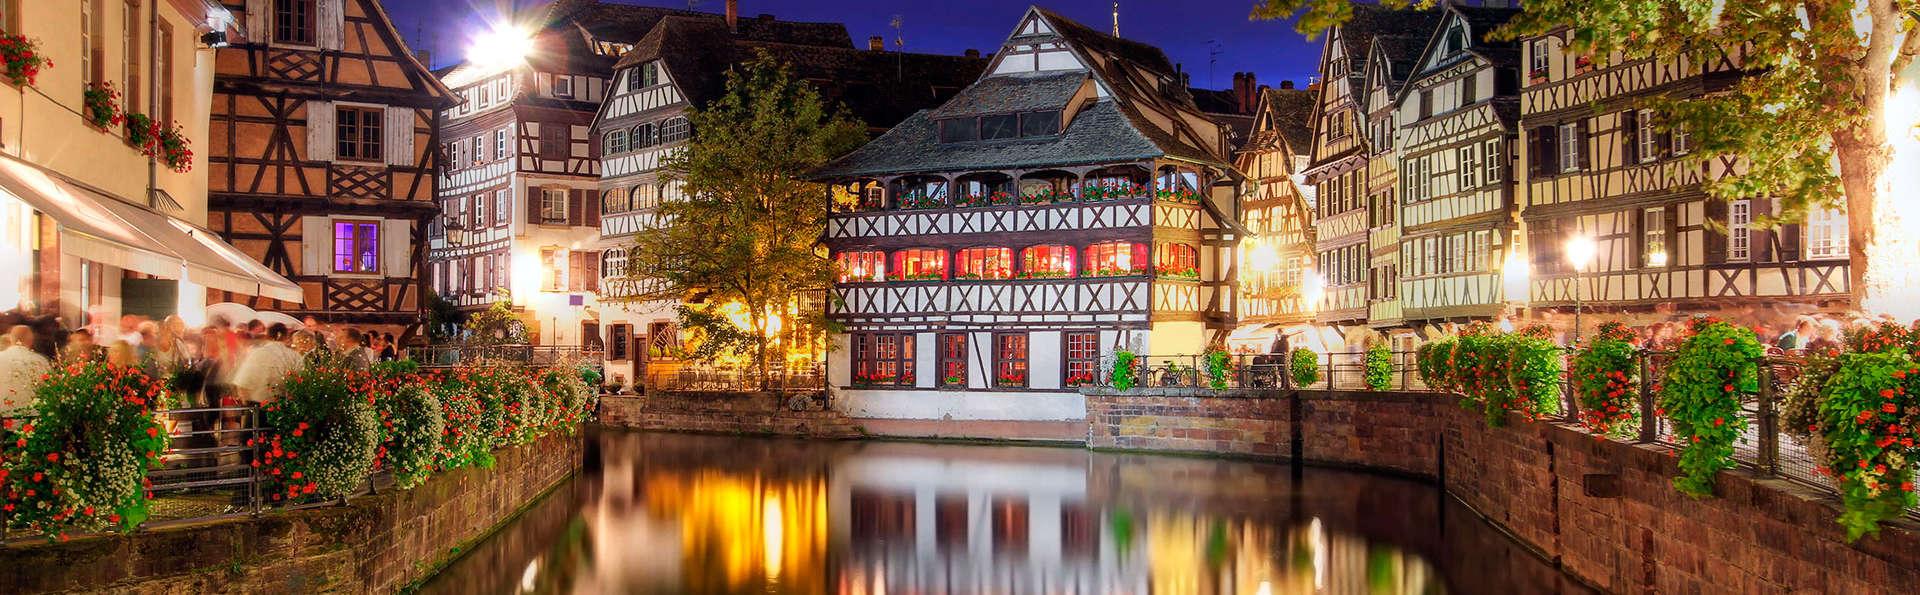 Bien-être et détente à Strasbourg